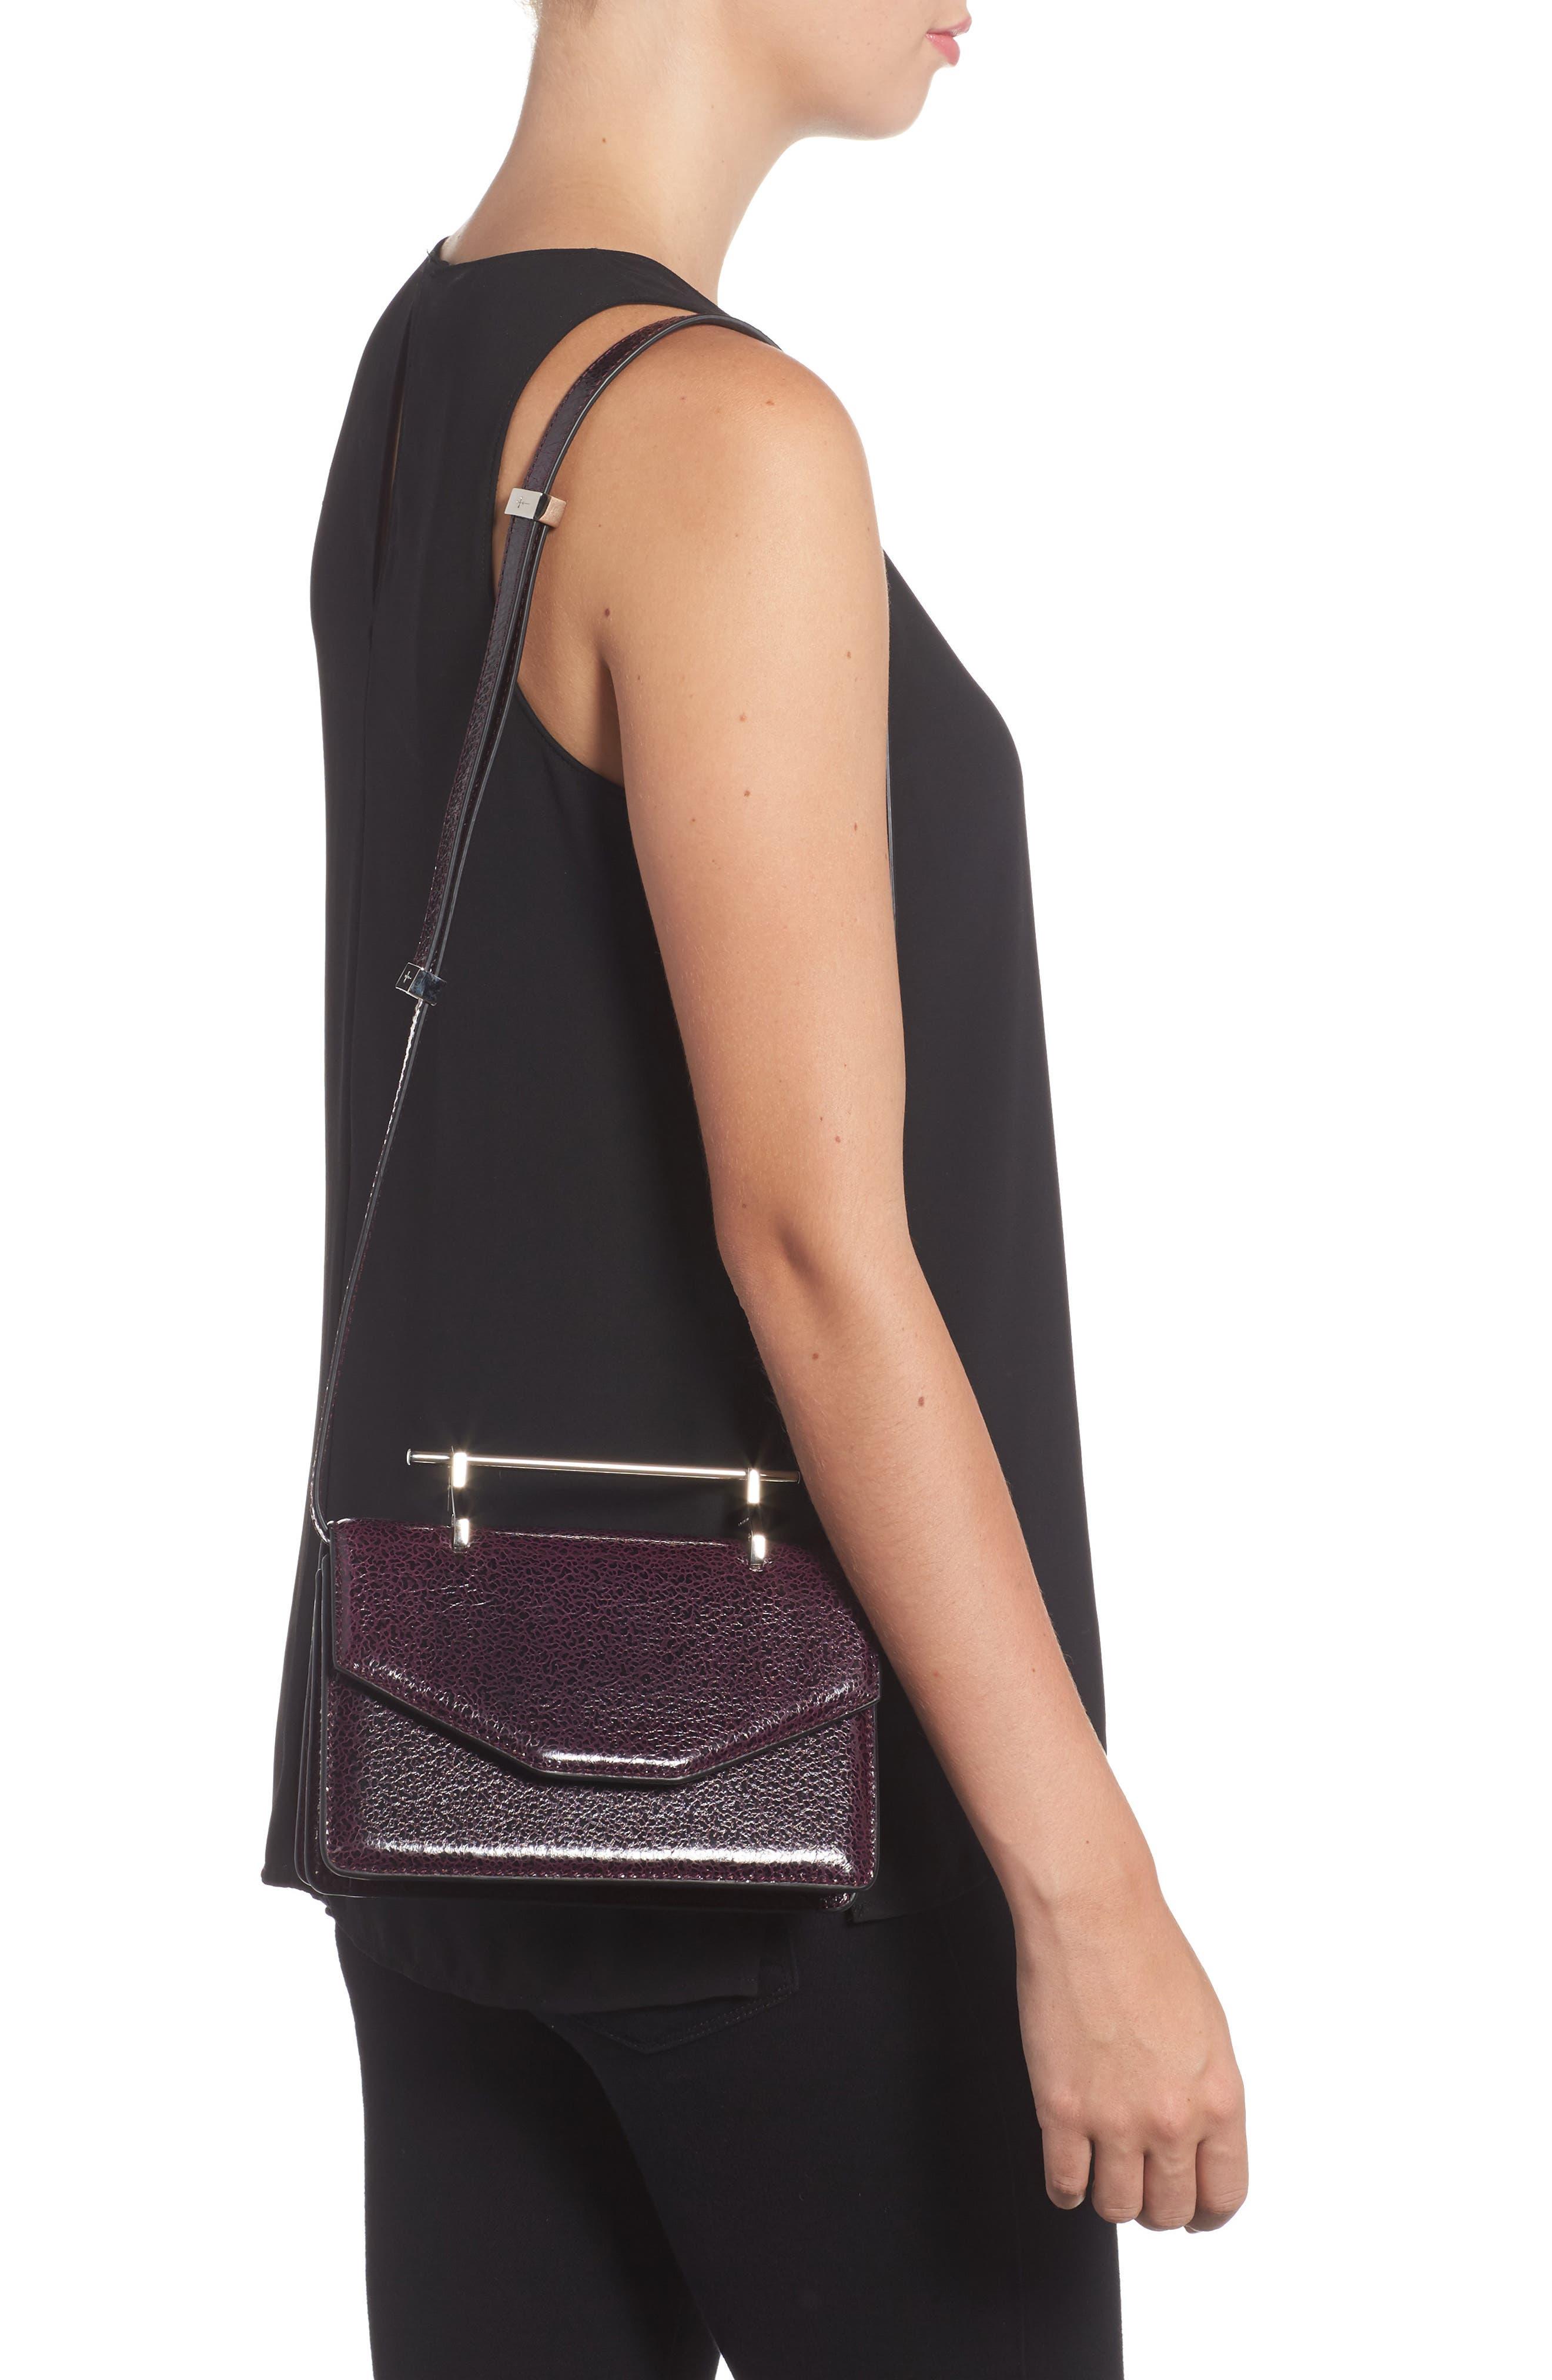 Indre Leather Shoulder Bag,                             Alternate thumbnail 2, color,                             930